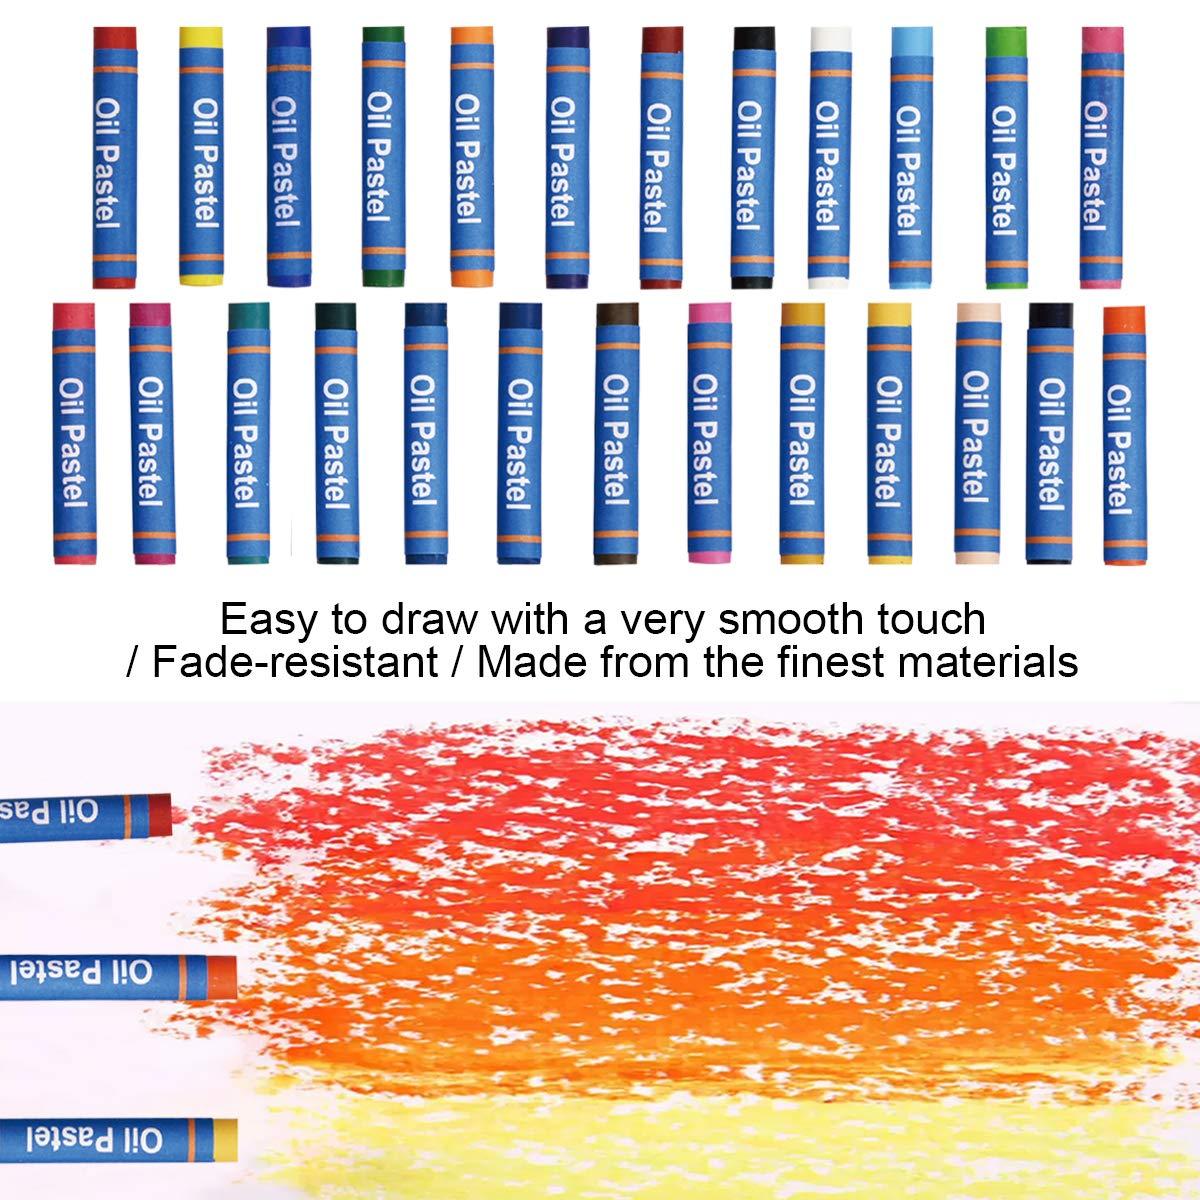 Tavolozza 126pcs Deluxe Artist Set per Pittura con cavalletto in Alluminio Strumenti di Disegno su Tela per Principianti Studenti e artisti